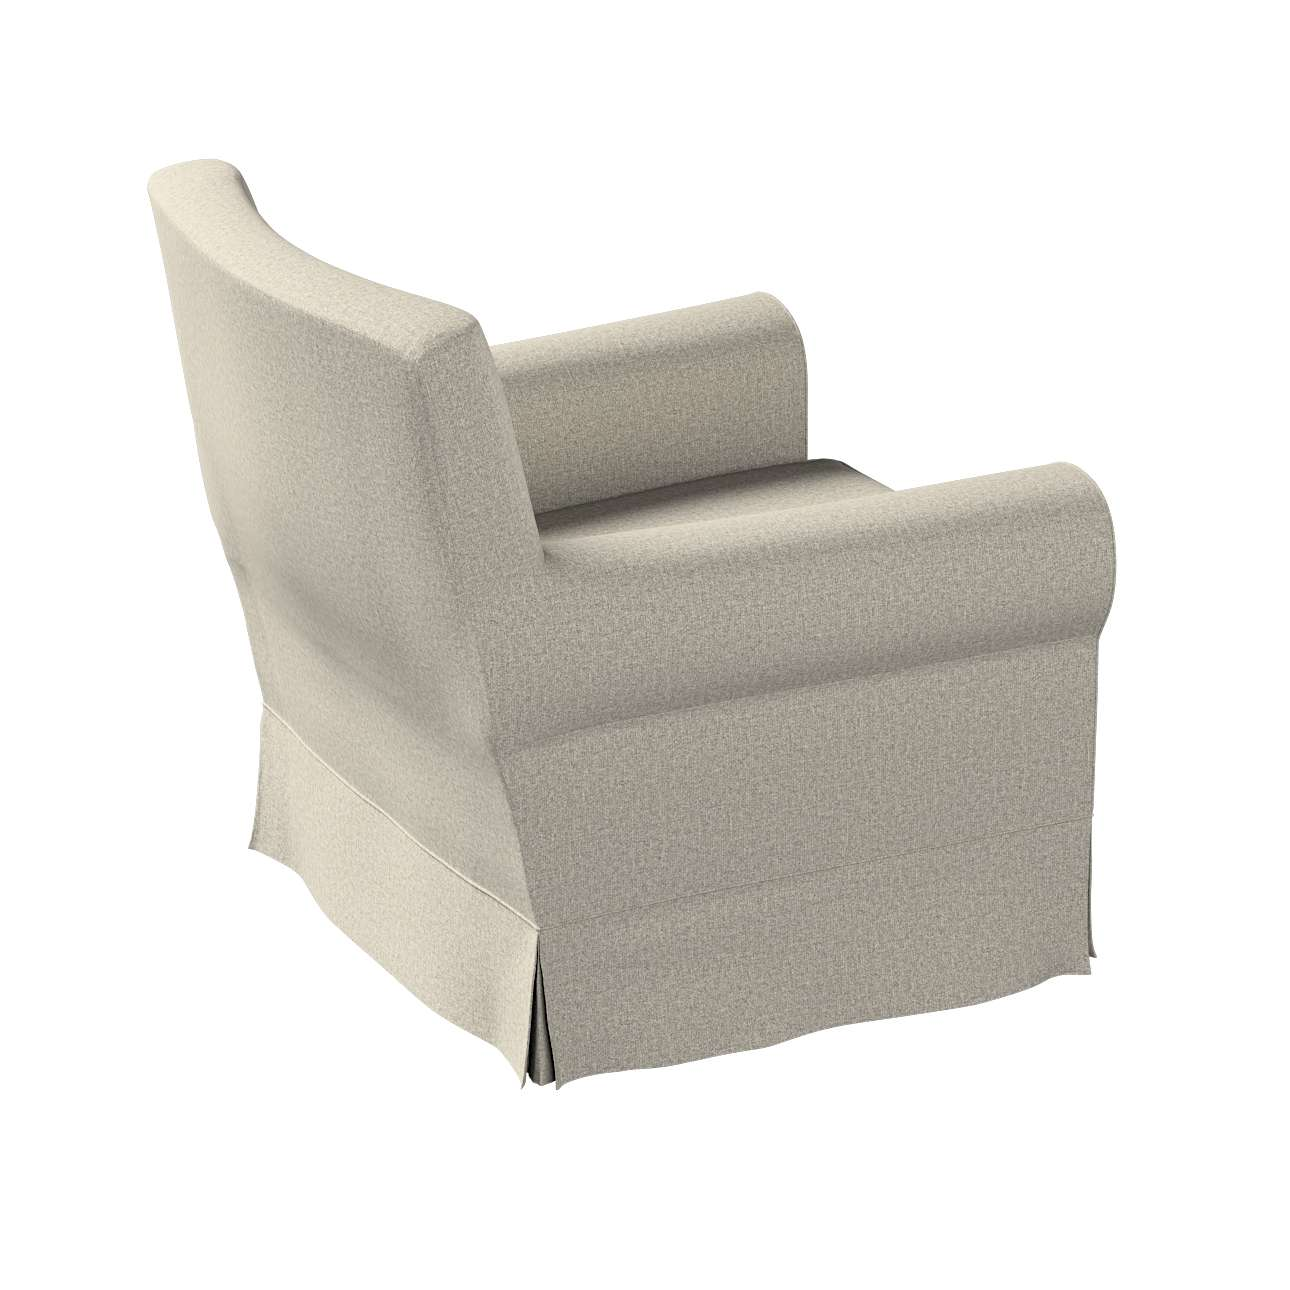 Pokrowiec na fotel Ektorp Jennylund w kolekcji Madrid, tkanina: 161-23